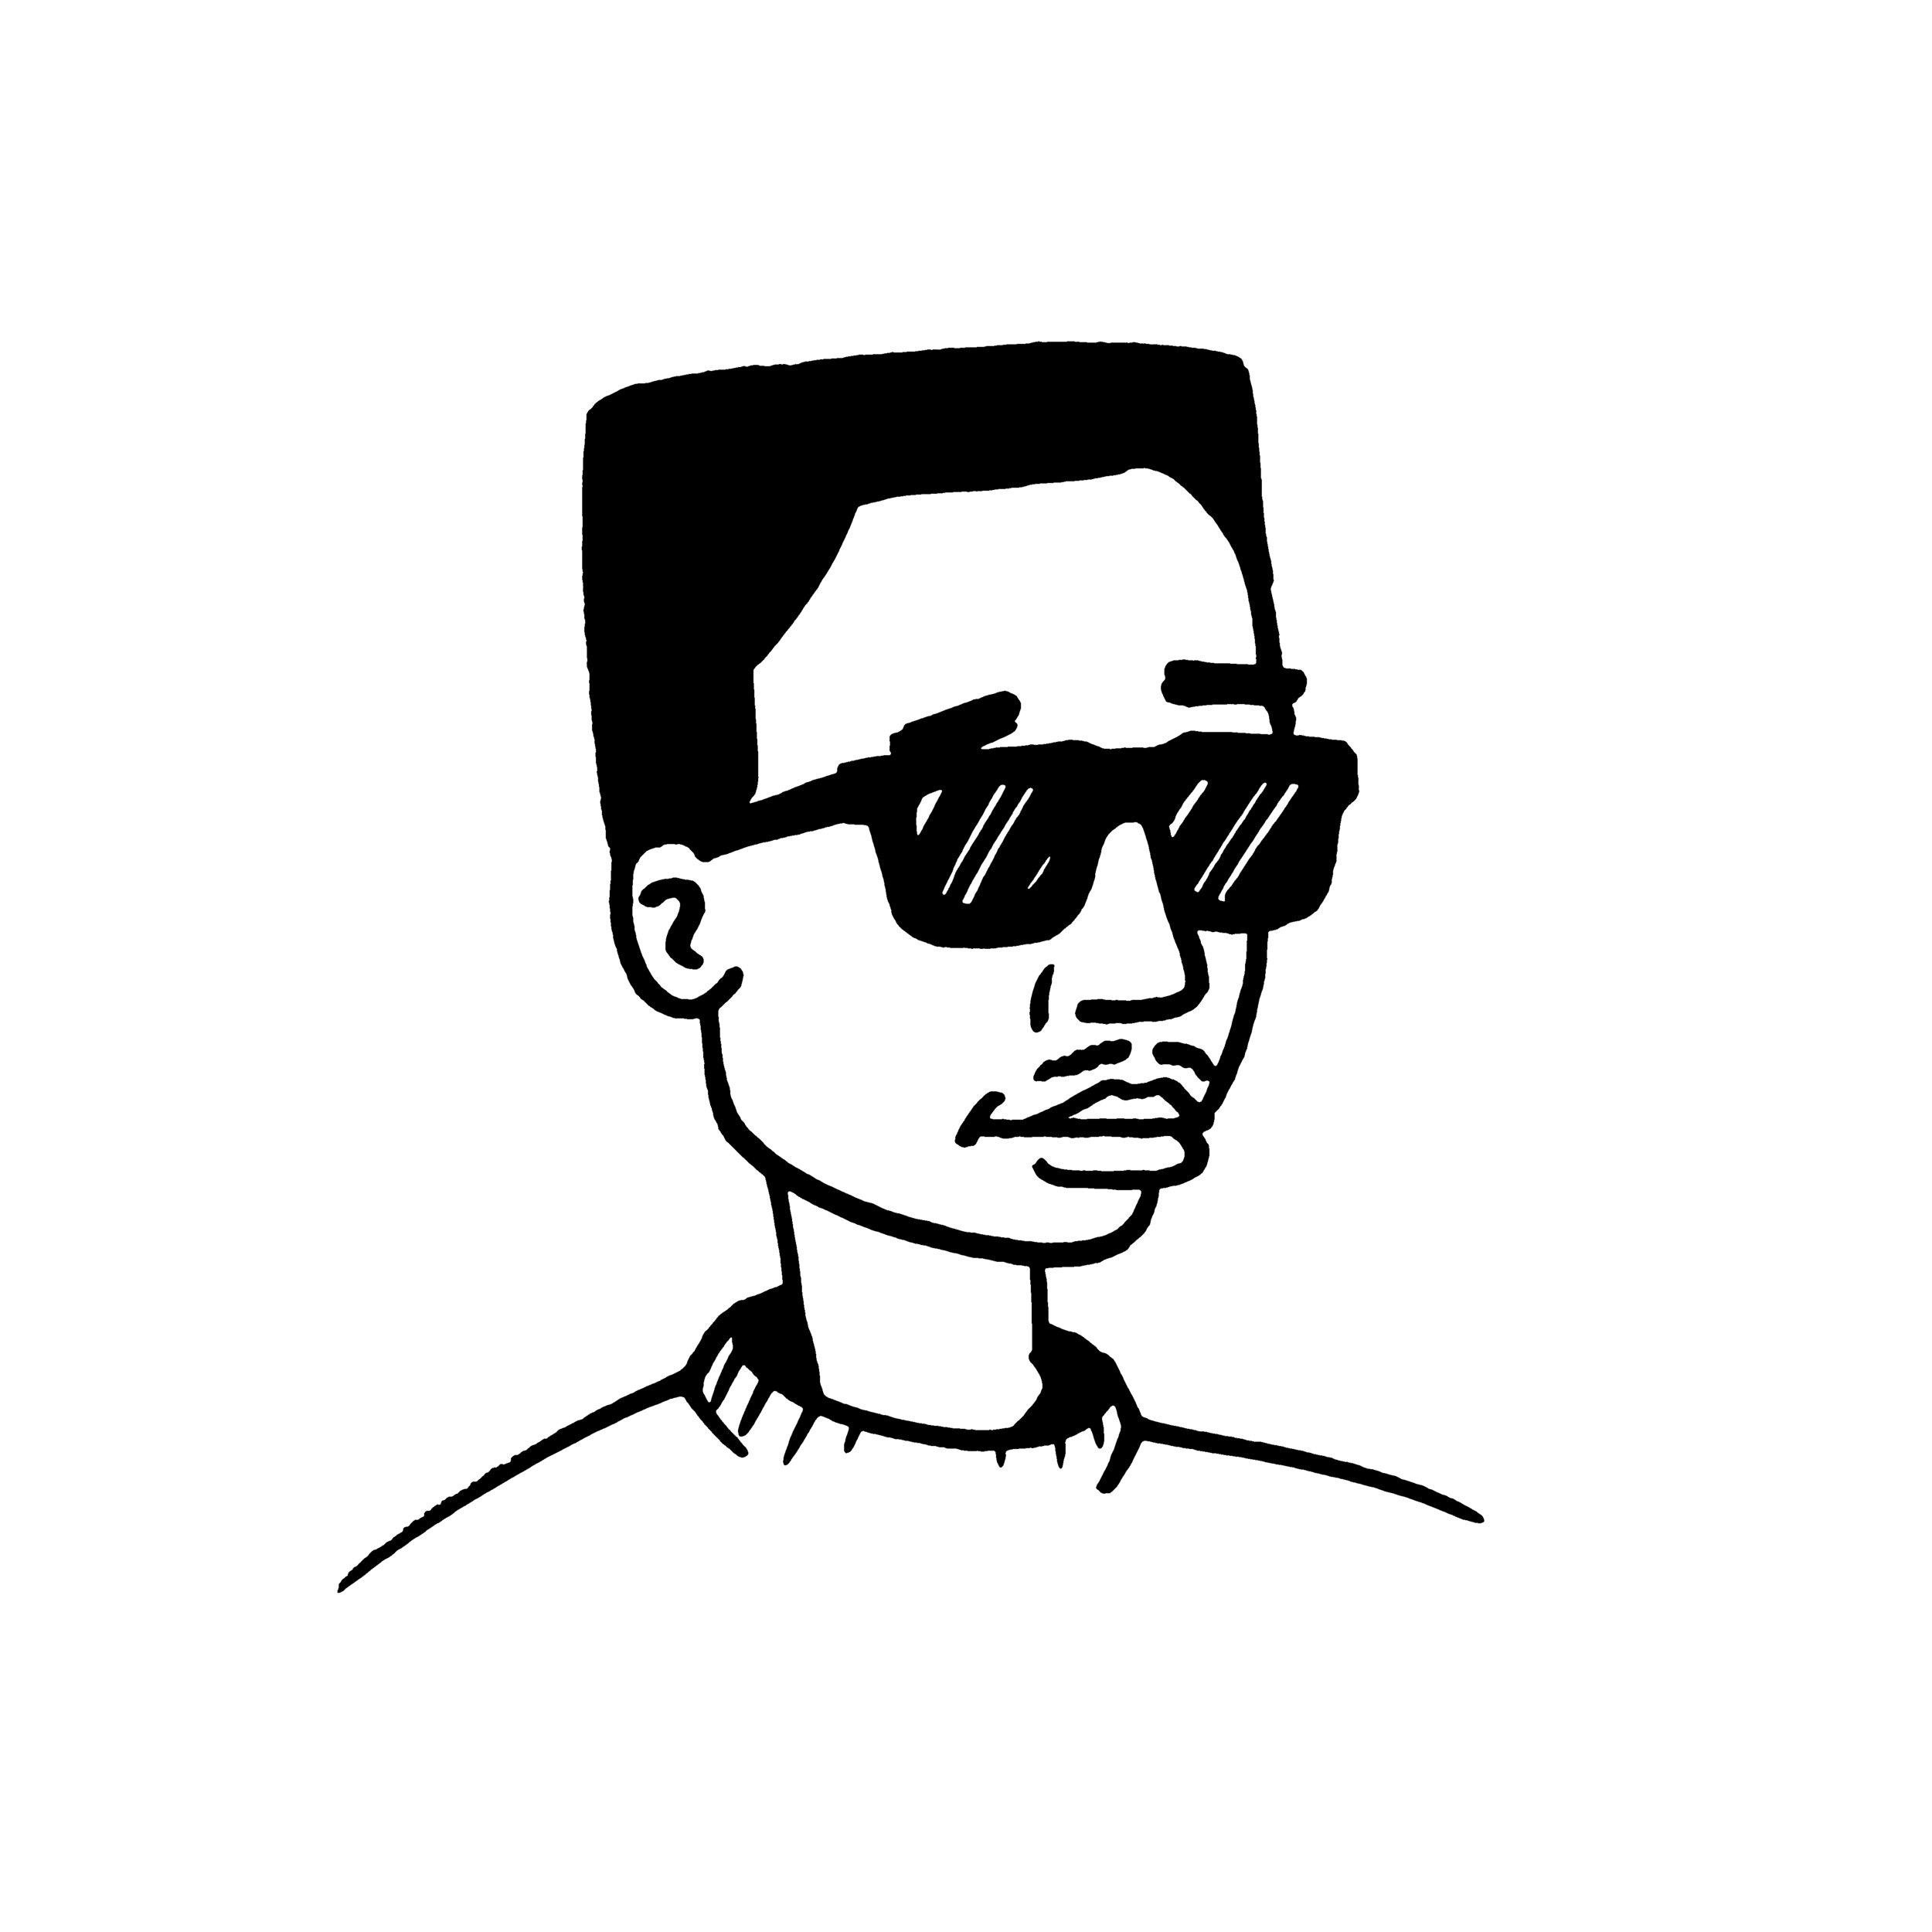 shades_guy.jpg